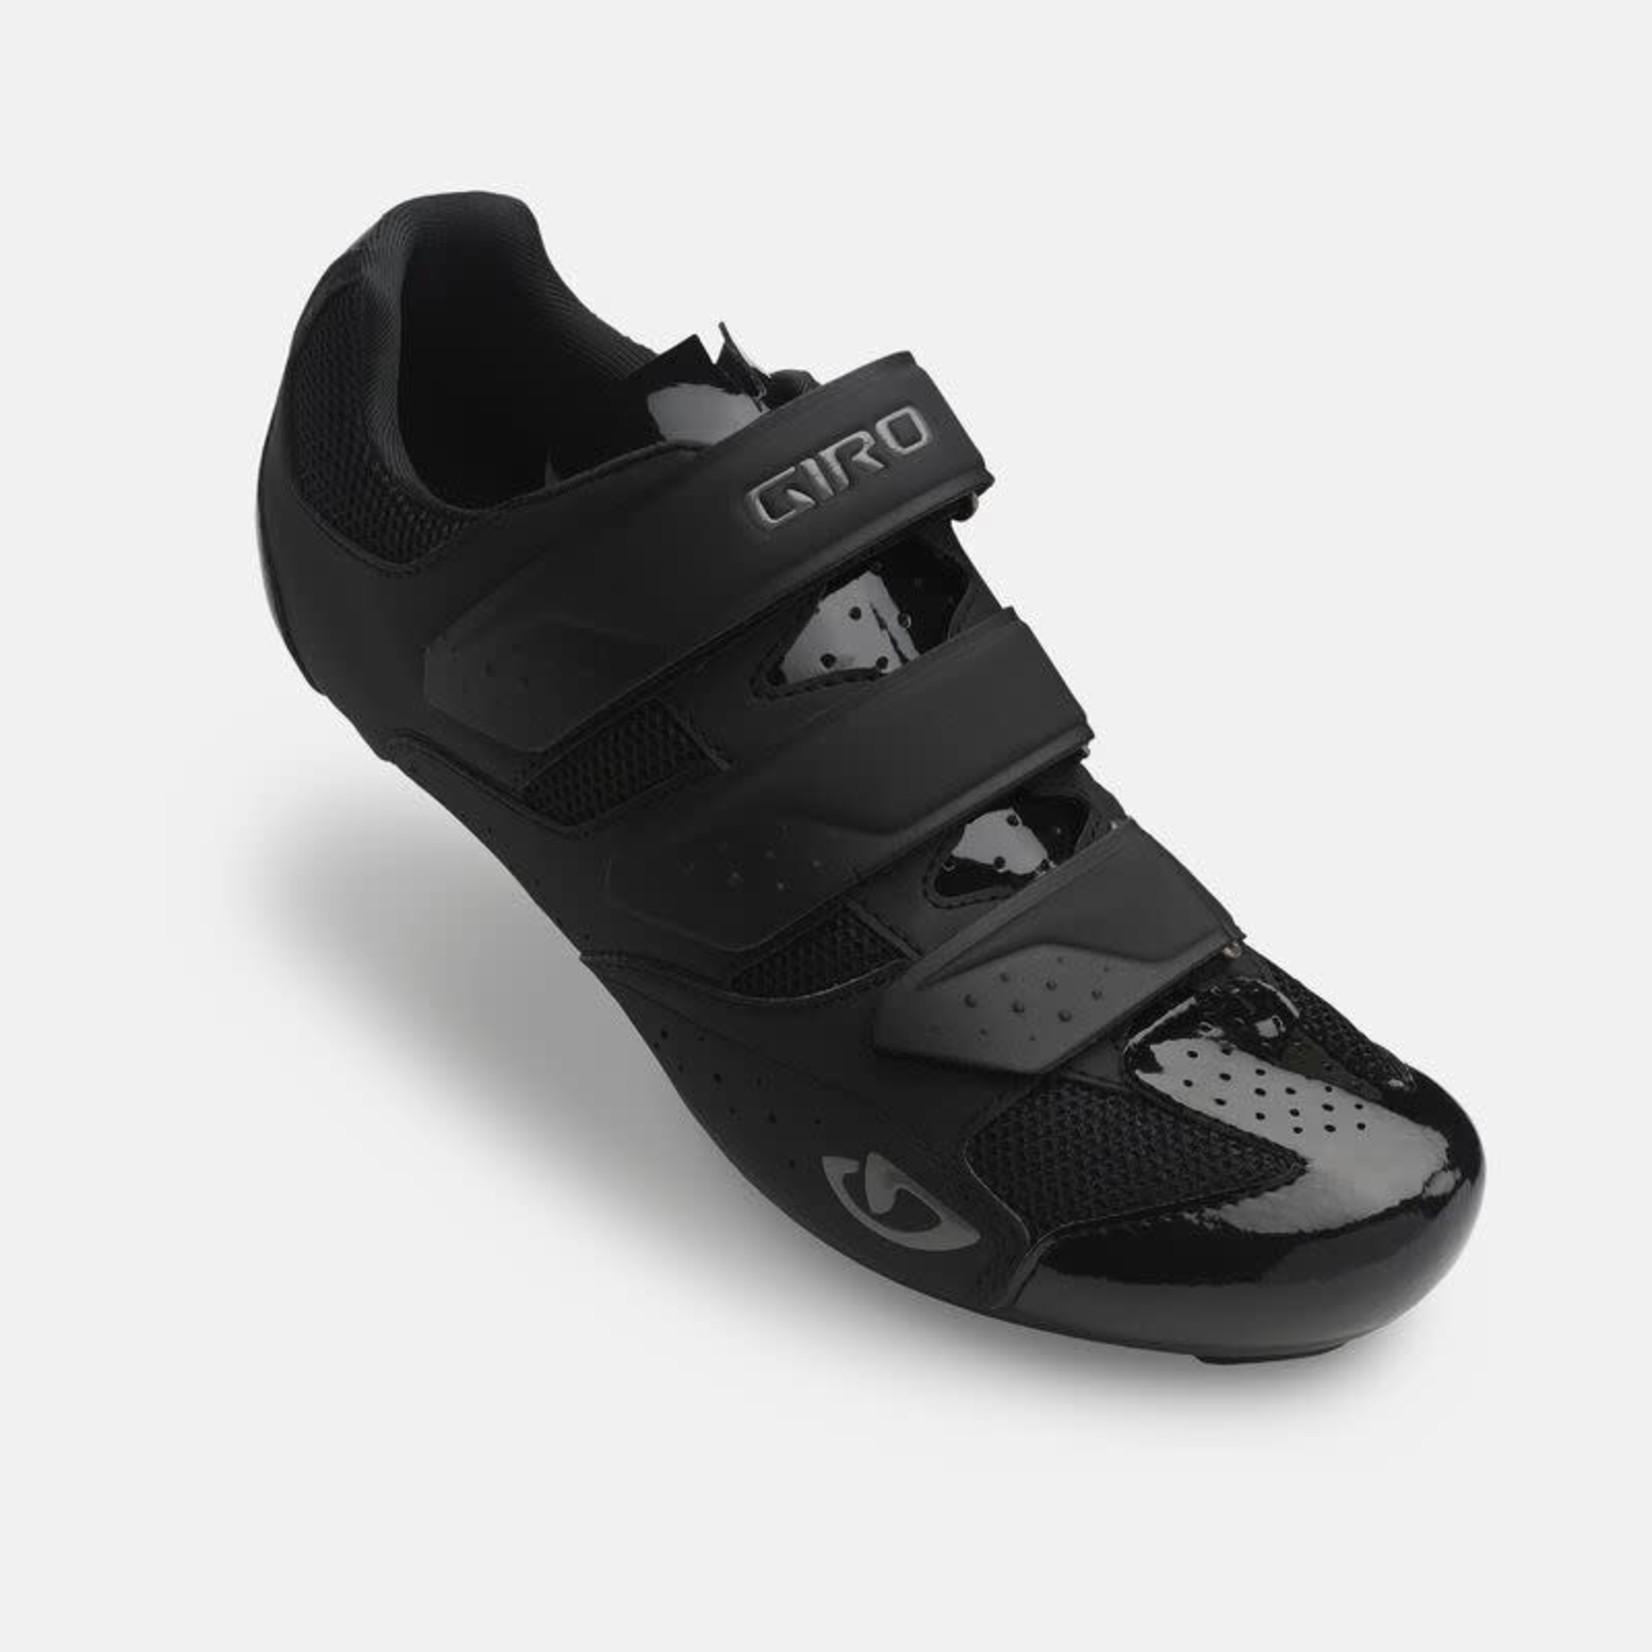 Giro Giro Techne Shoe